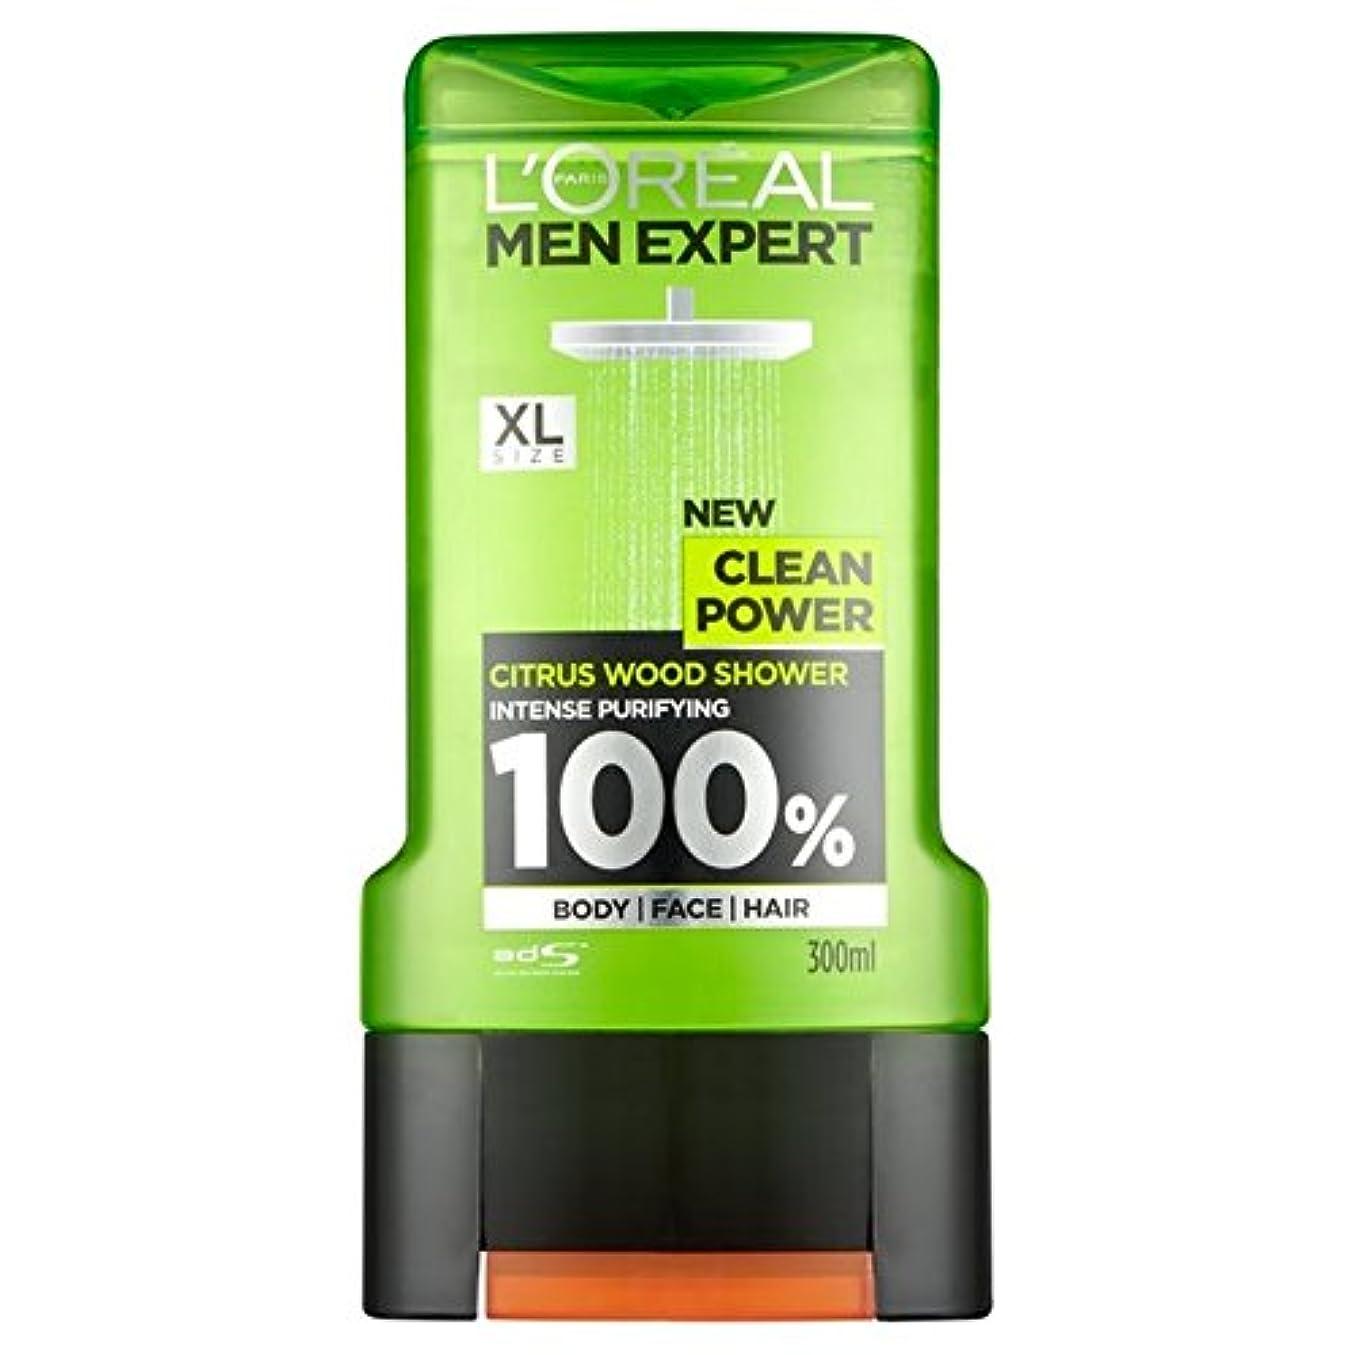 雰囲気落ち着いて陽気なL'Oreal Paris Men Expert Clean Power Shower Gel 300ml (Pack of 6) - ロレアルパリの男性の専門家クリーンパワーシャワージェル300ミリリットル x6 [並行輸入品]